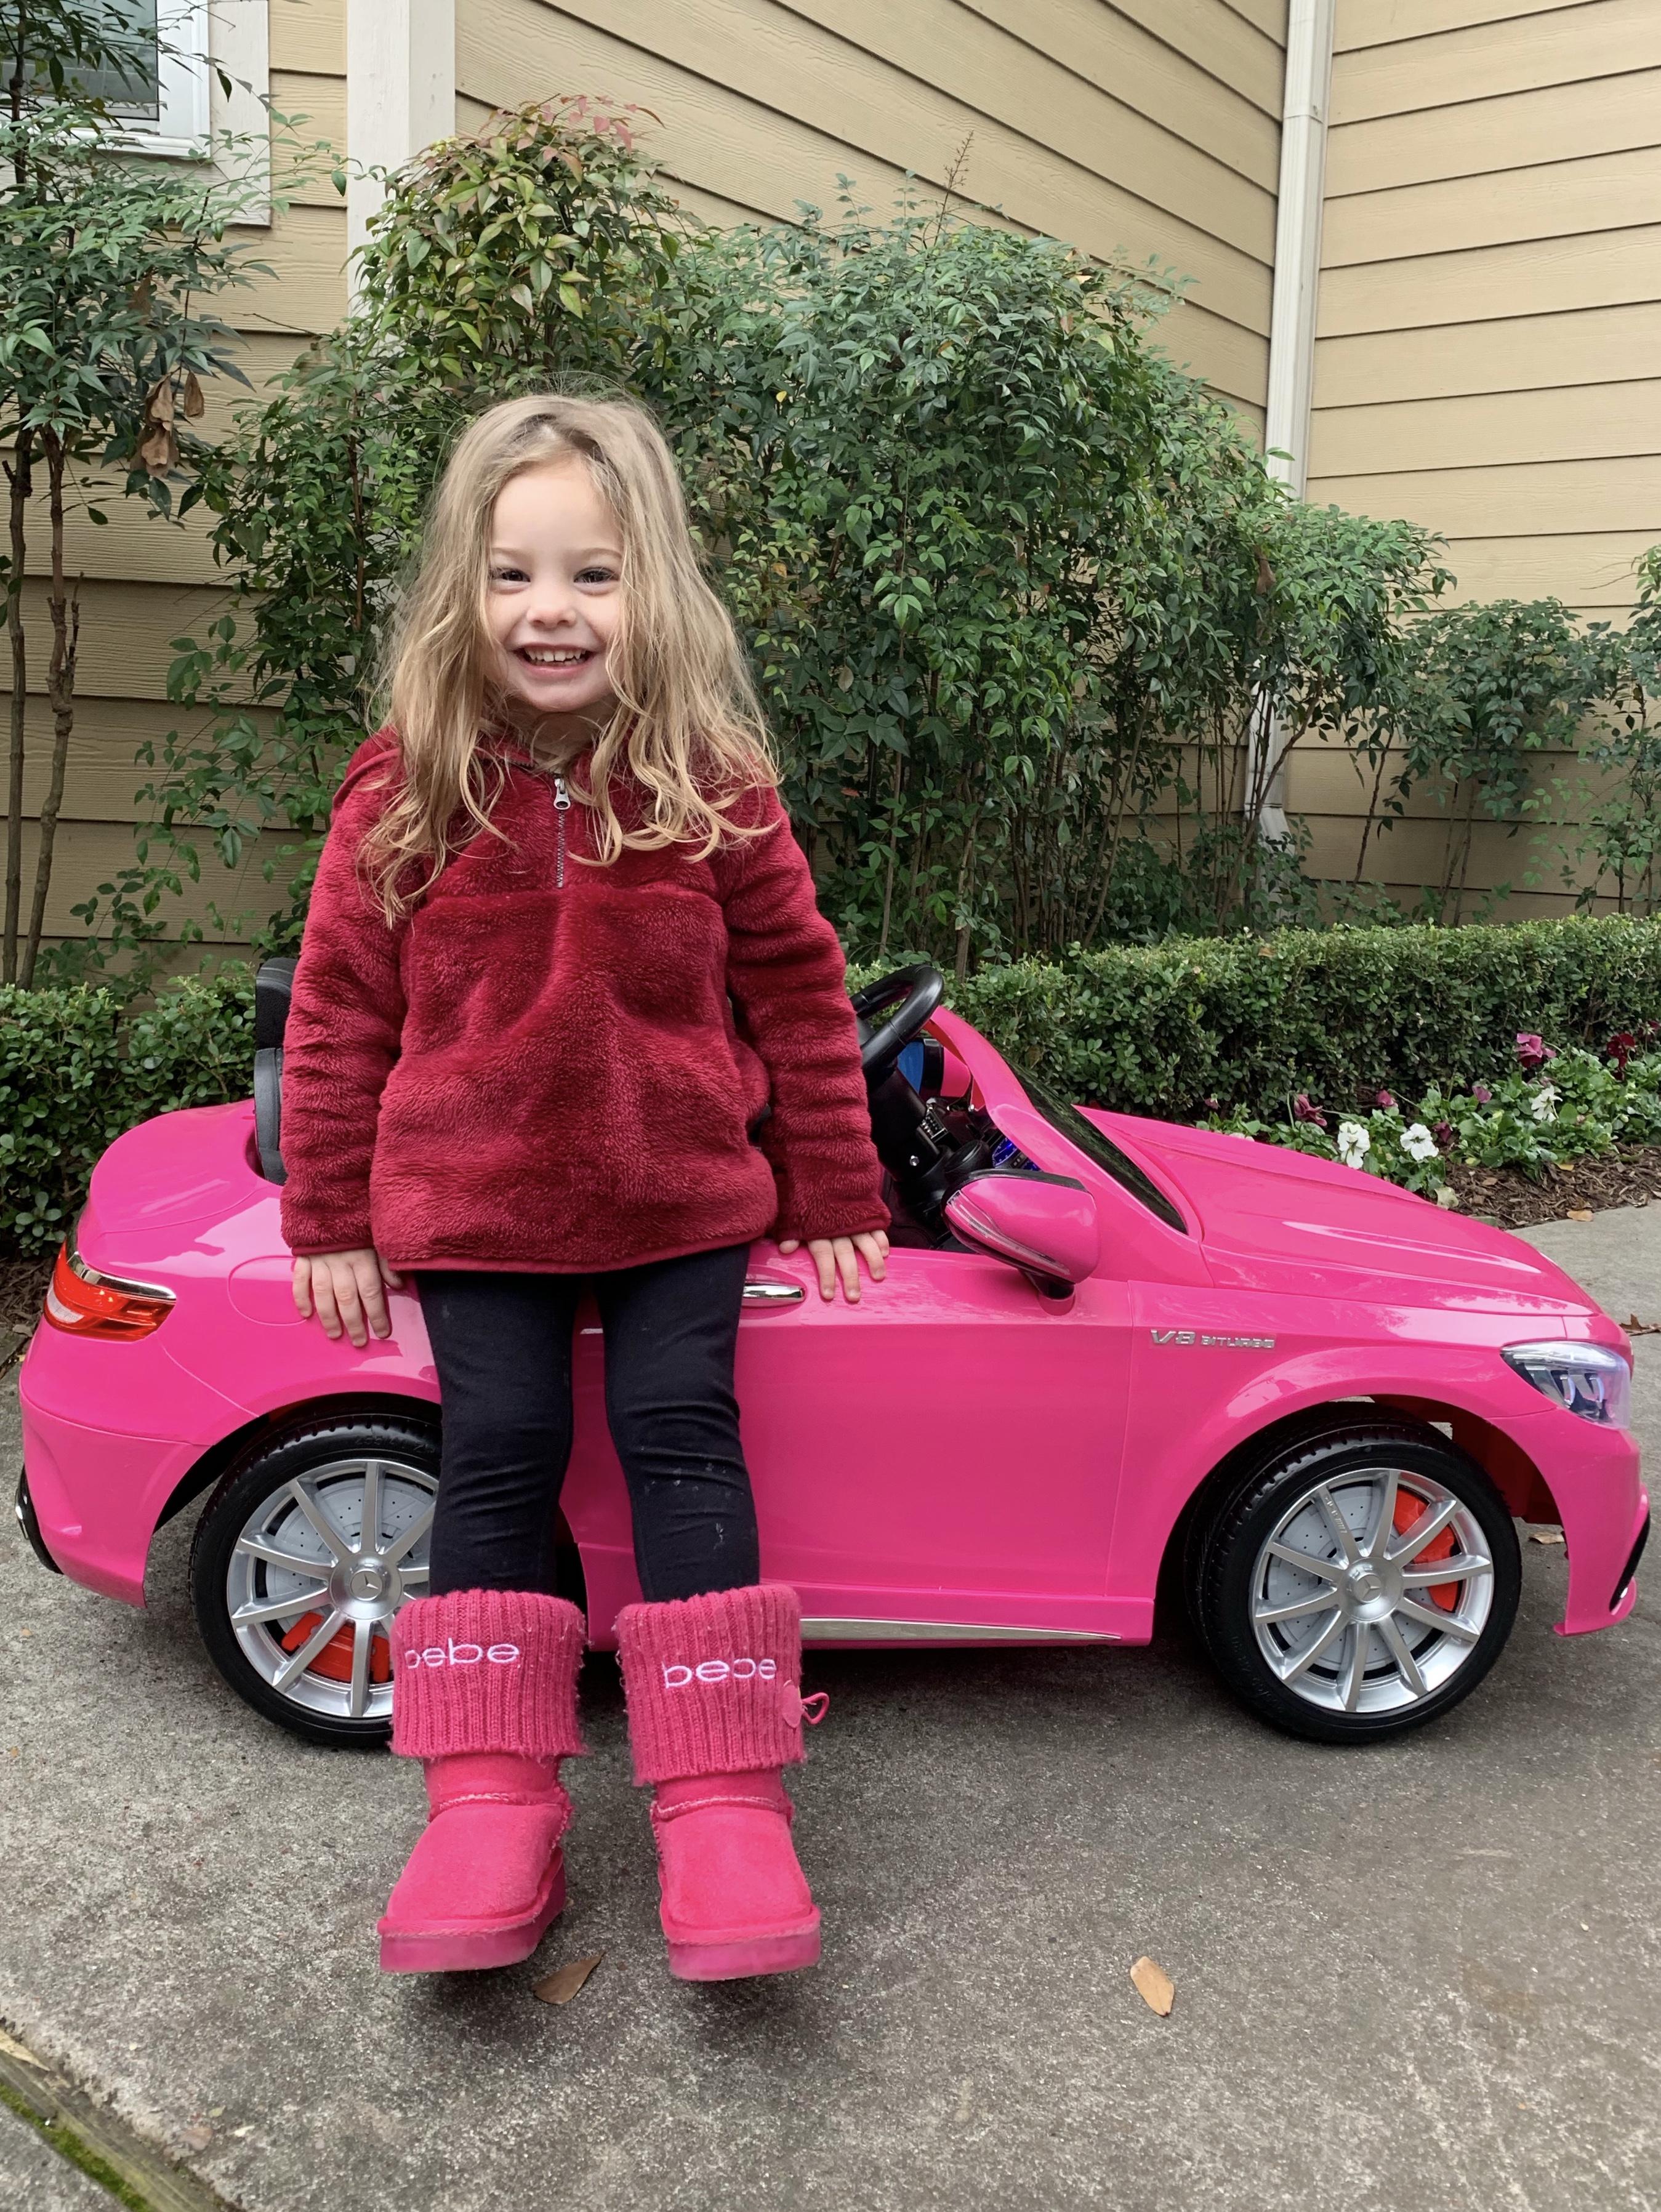 Toddler motorized car